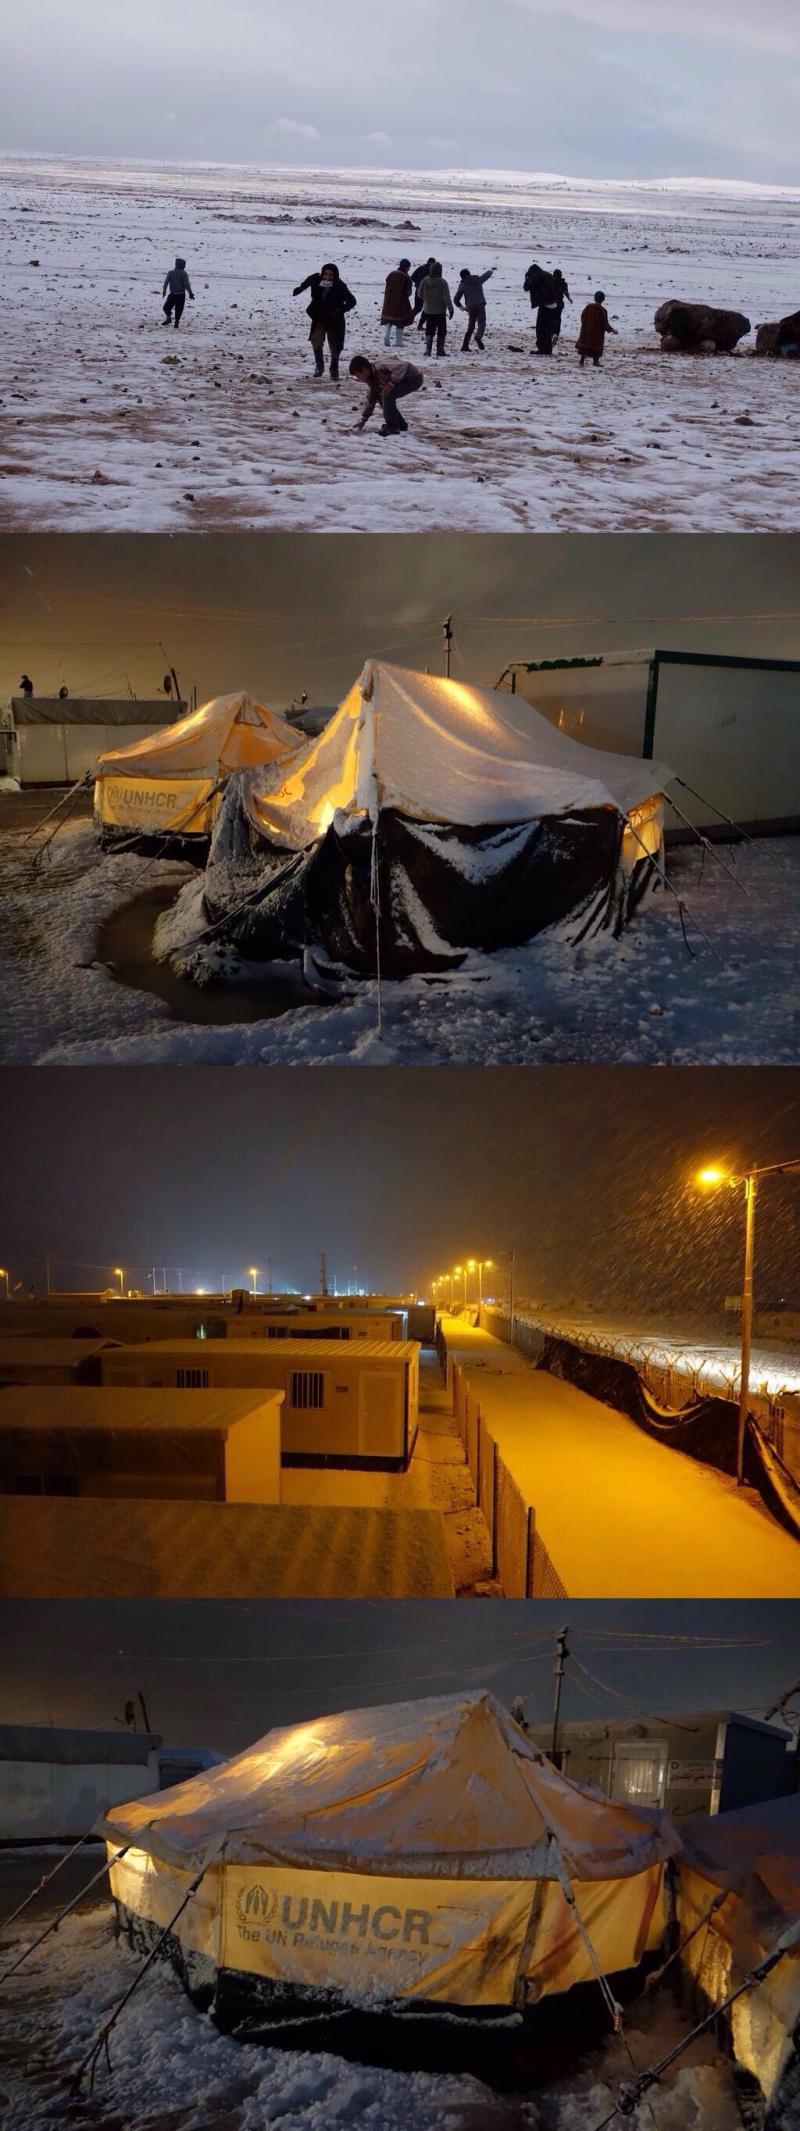 مخيم الزعتري اليوم #عاصفة_هدى